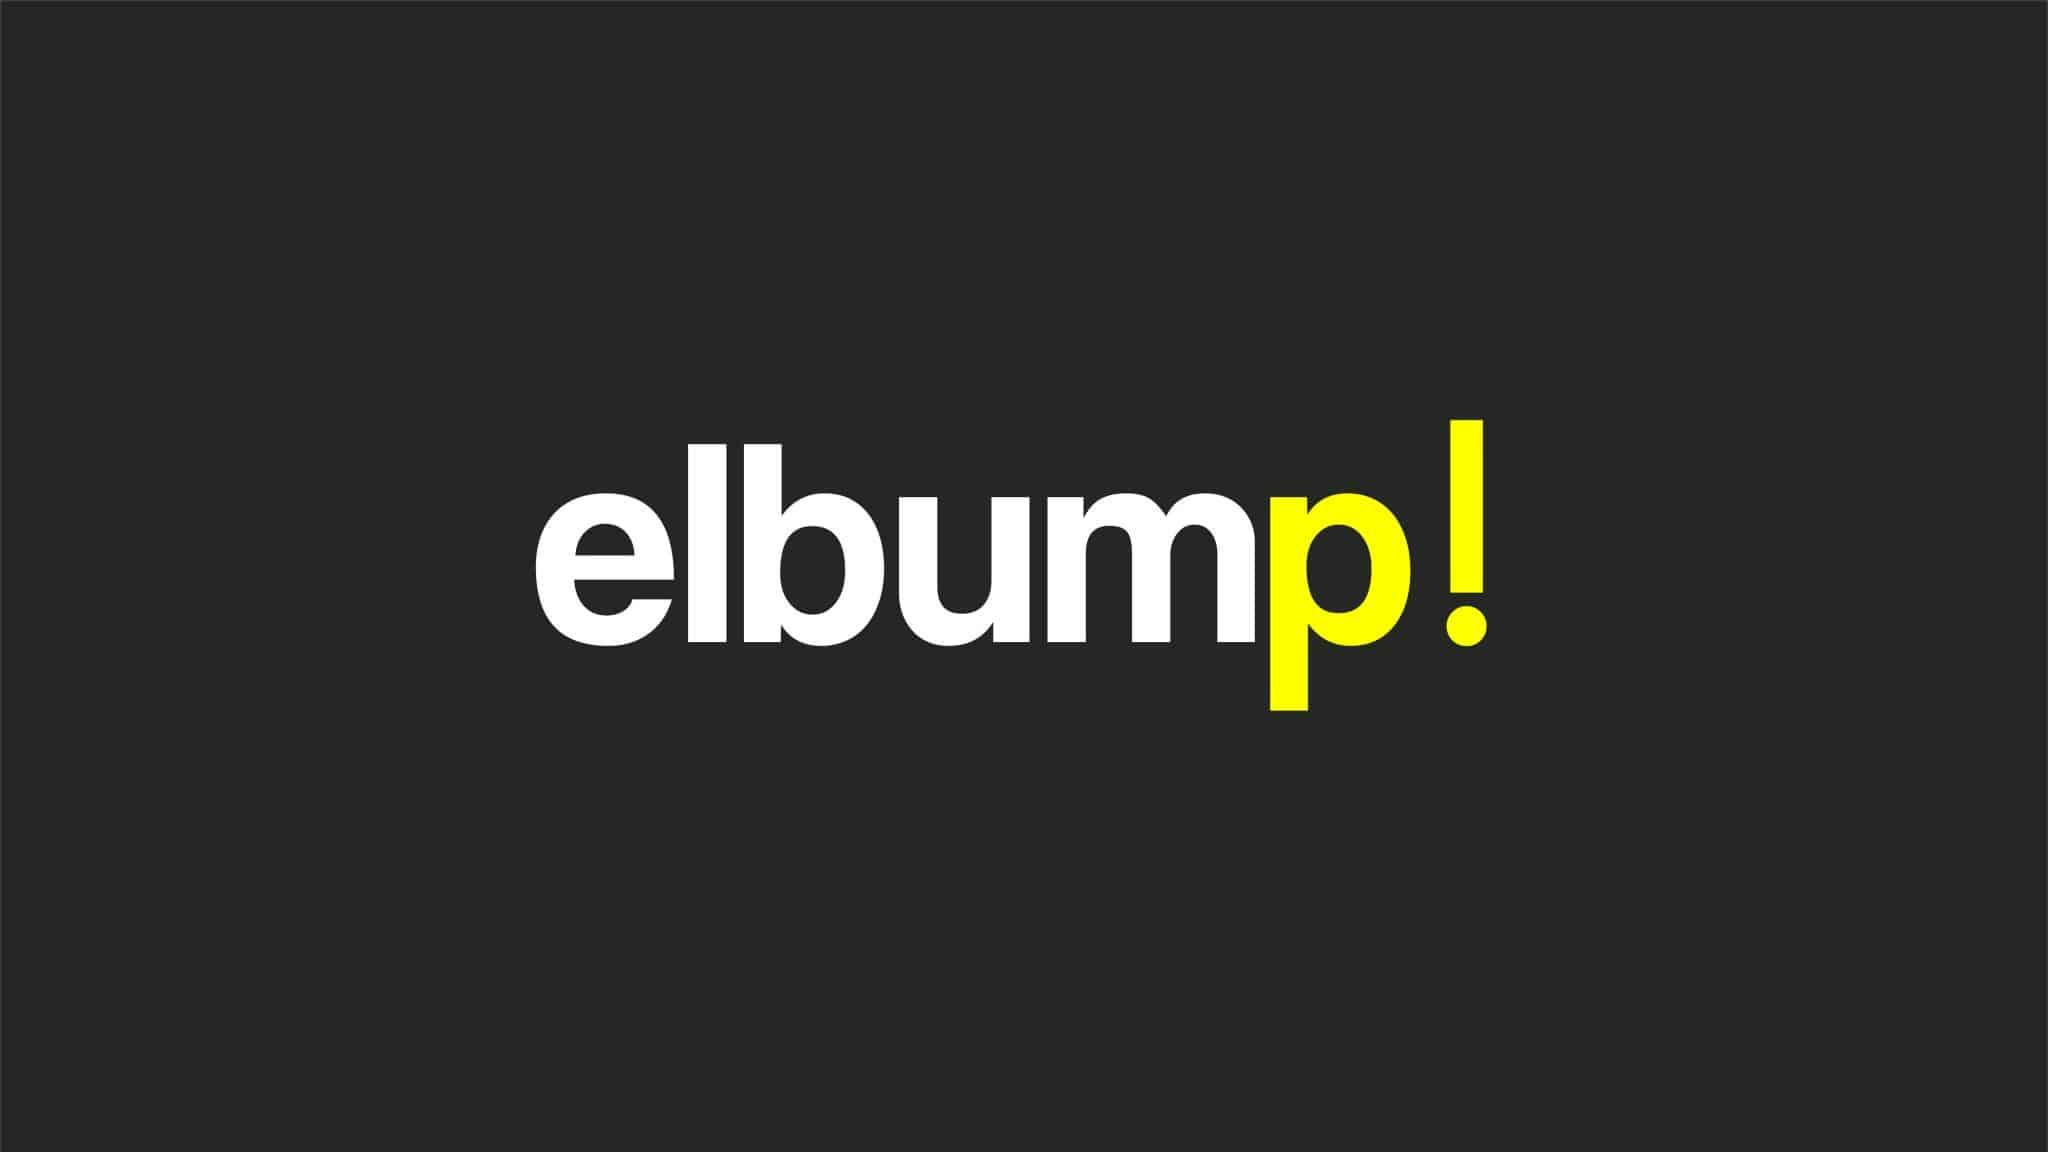 logo ELBUMP!